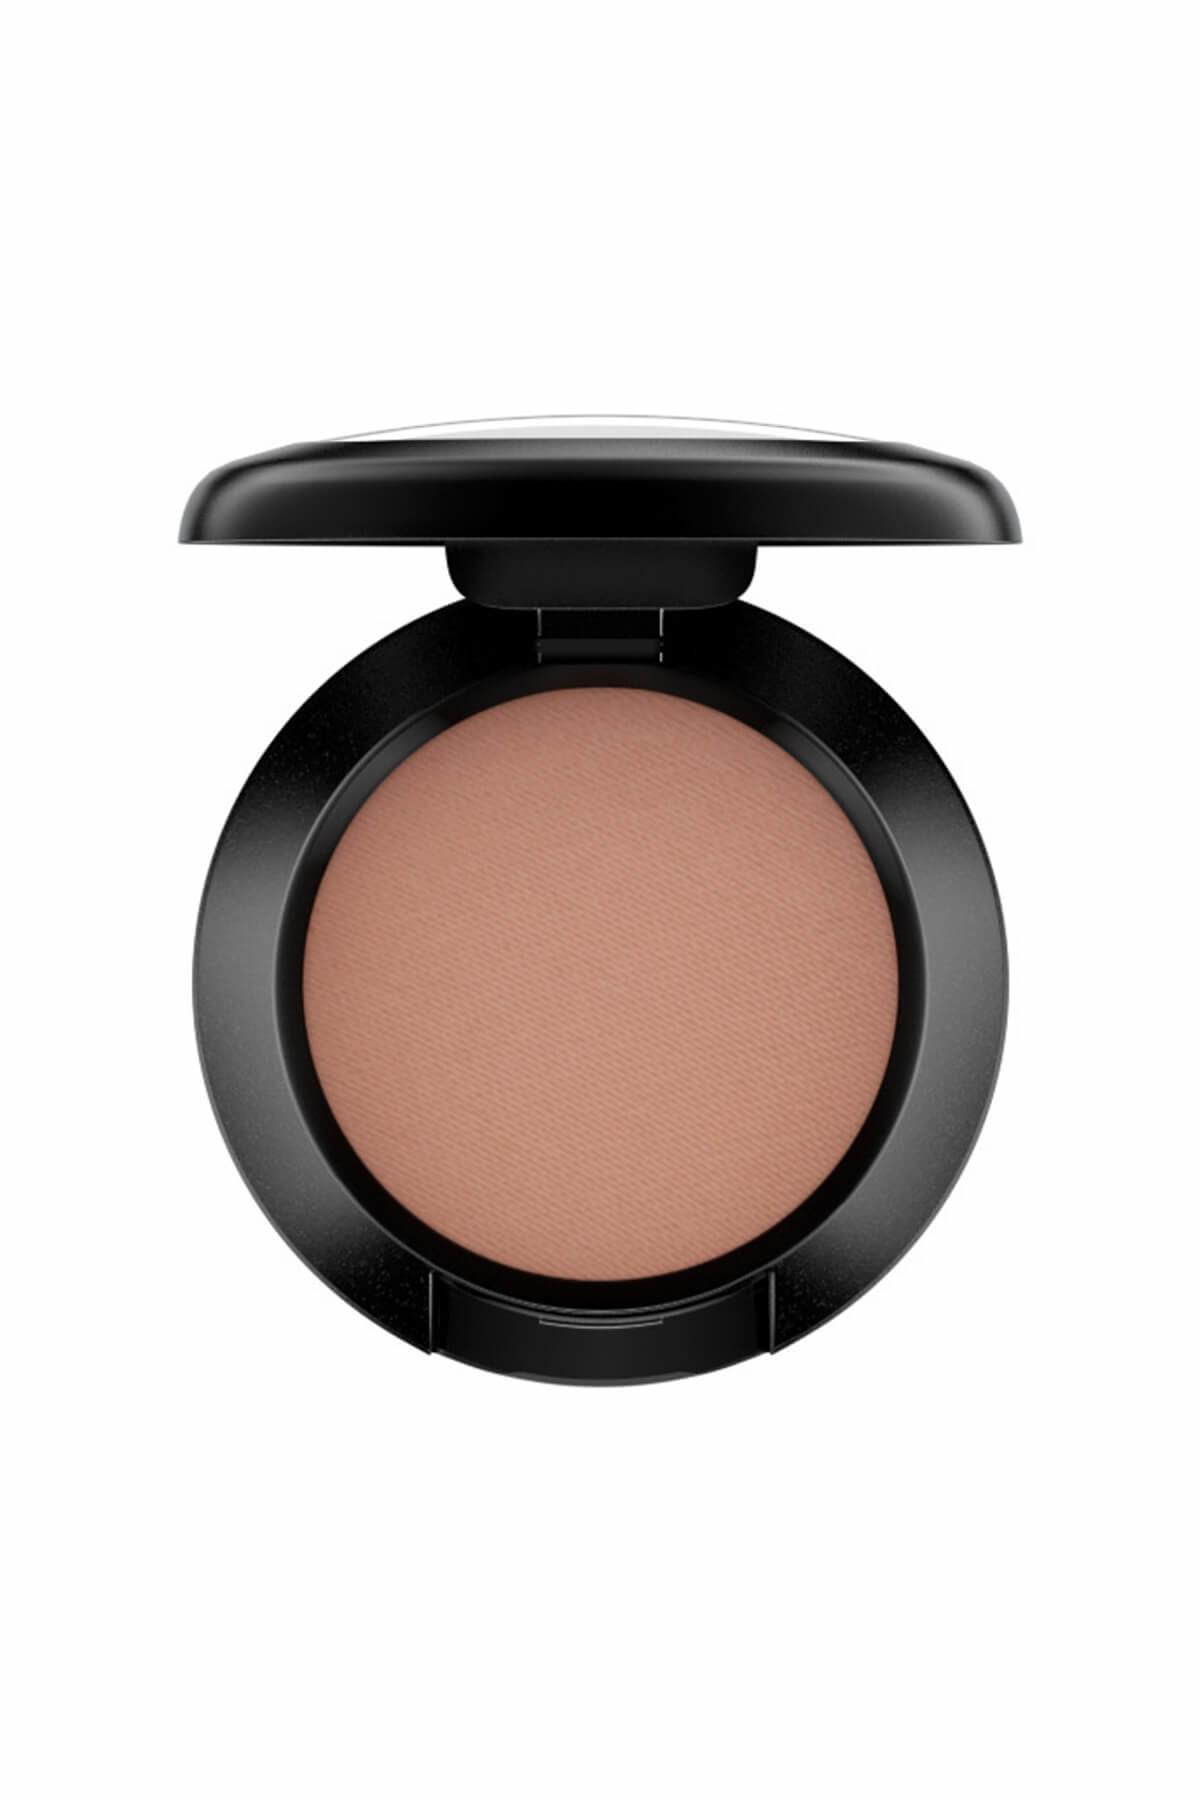 M.A.C Göz Farı - Eye Shadow Soft Brown 1.5 g 773602035120 1